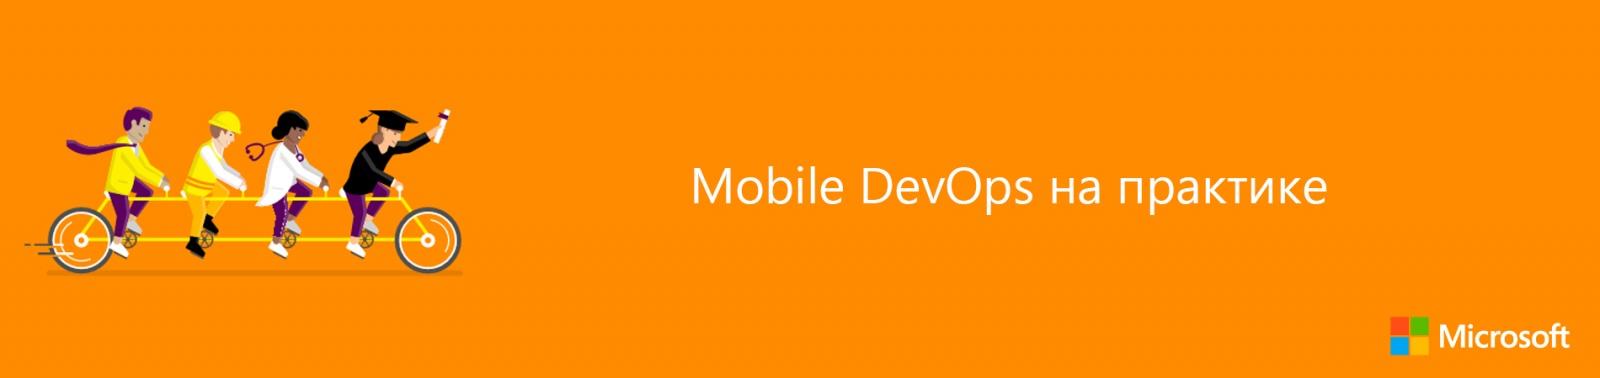 Mobile DevOps на практике - 1